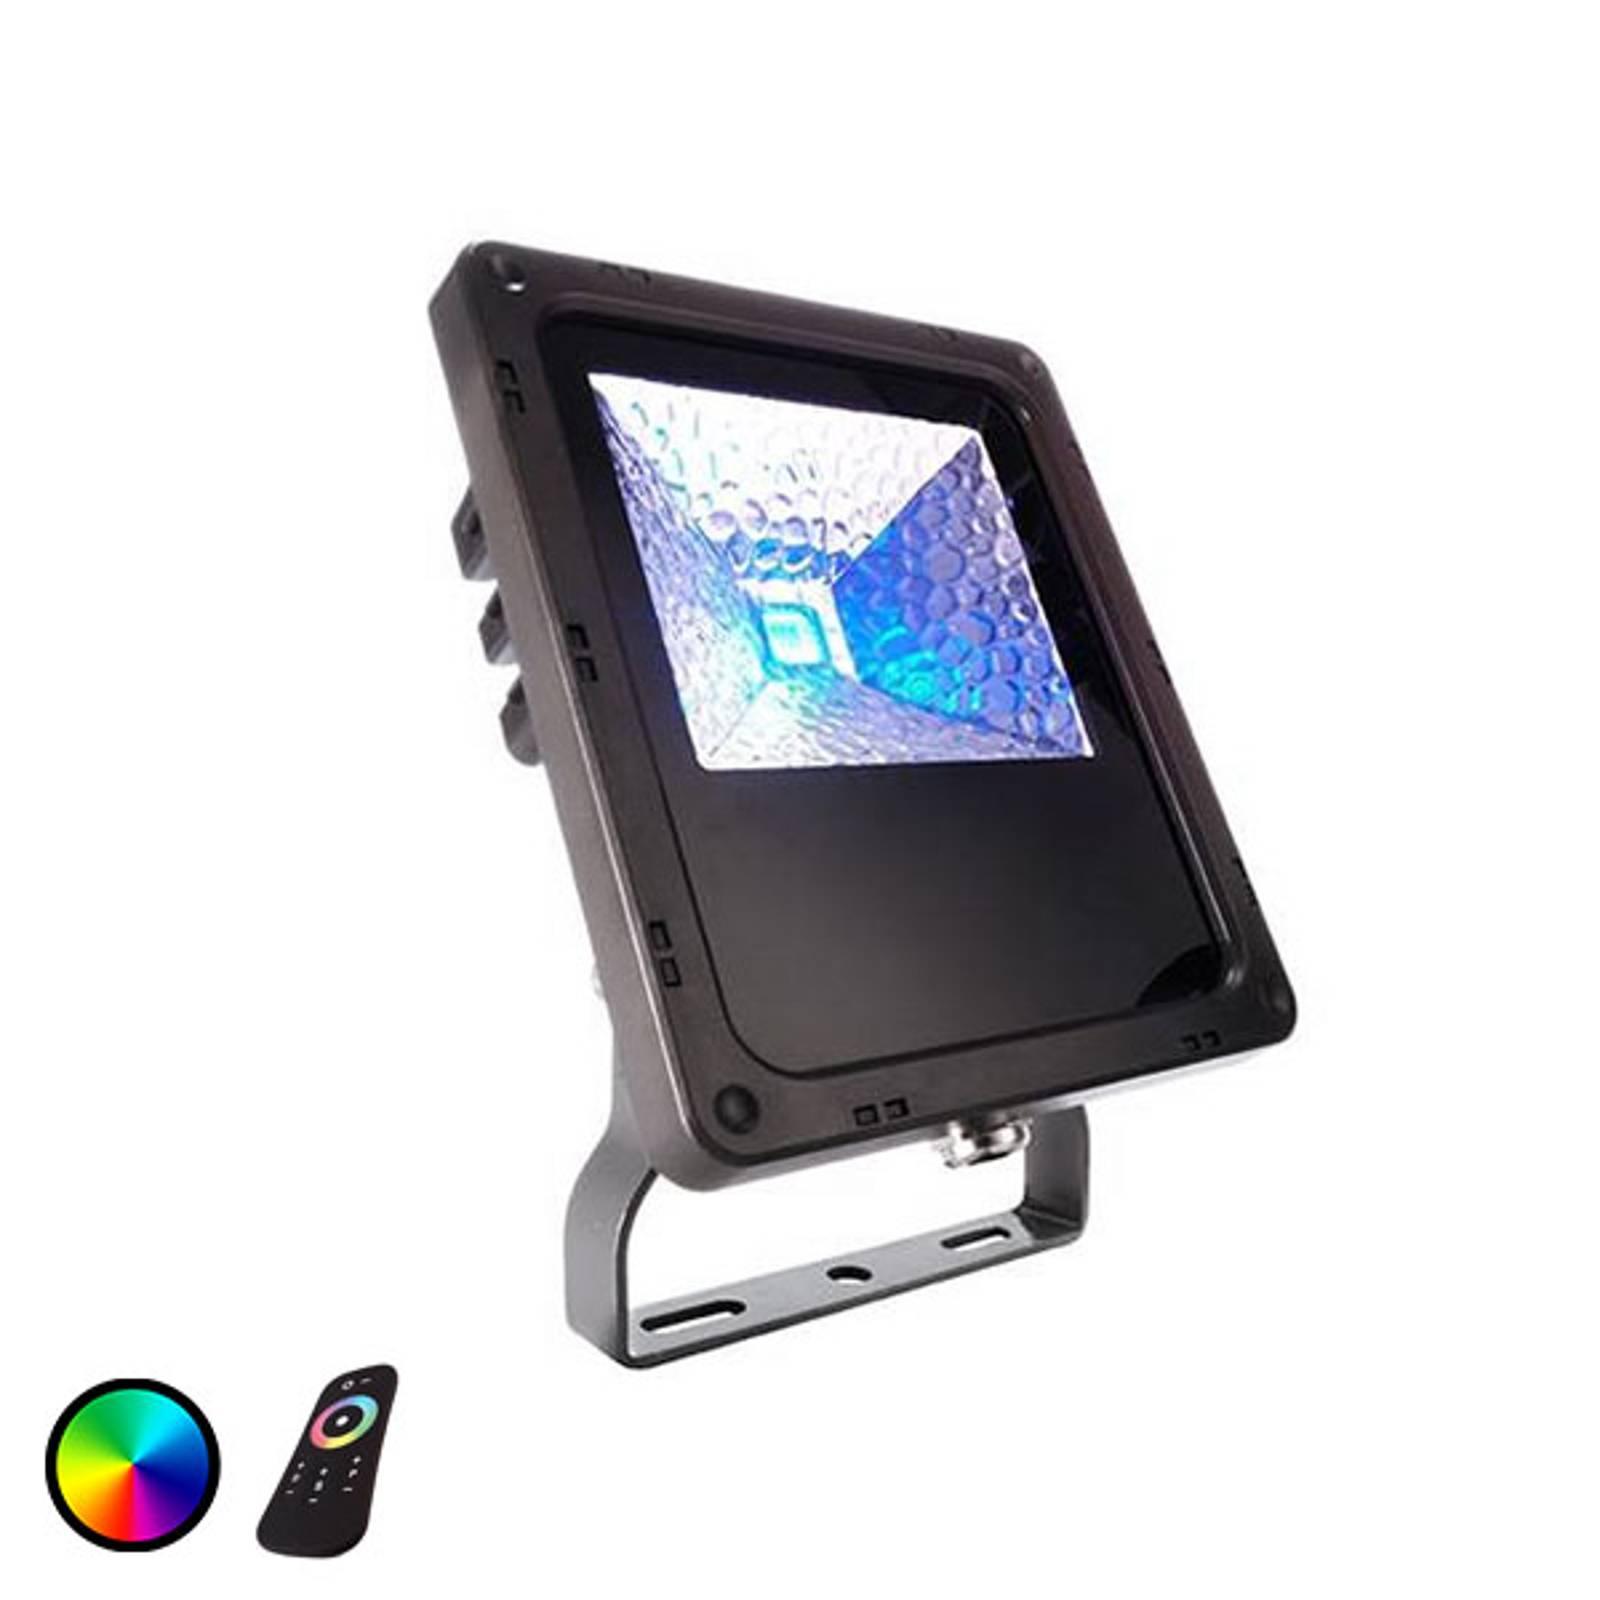 IP65 - LED-kohdevalo ulos Flood Color RF-10 - 10W